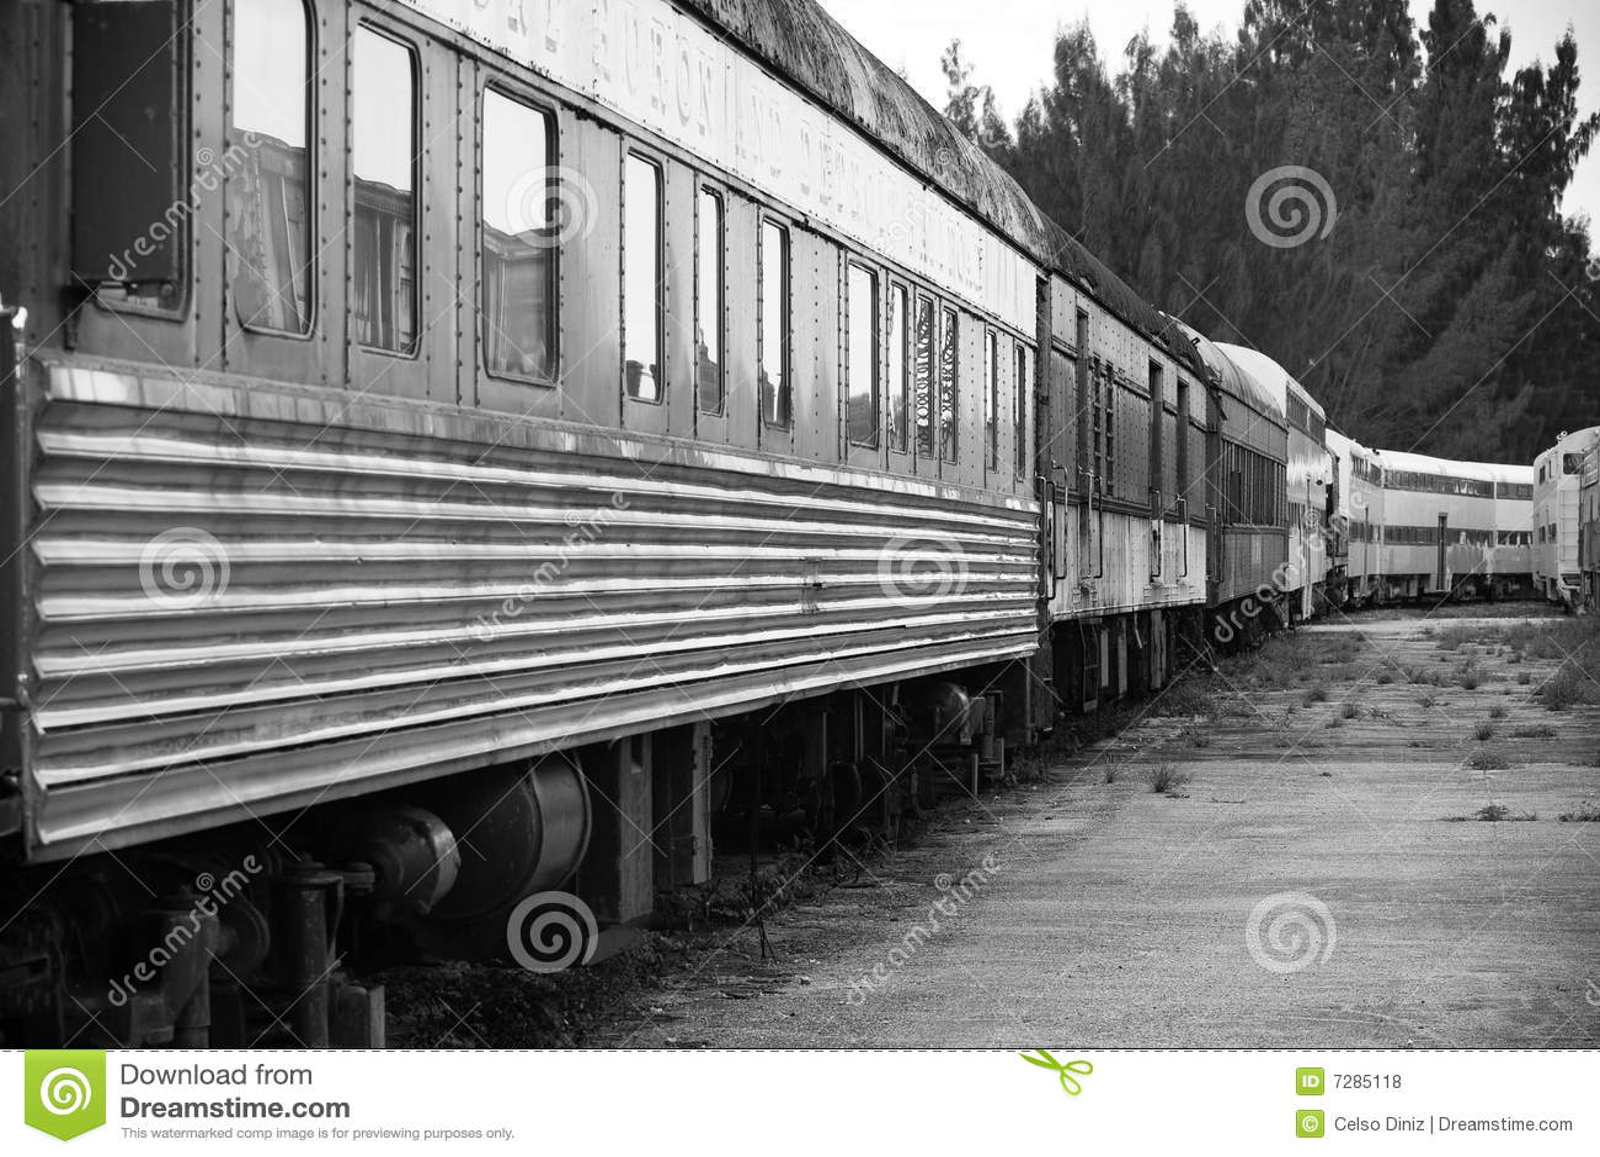 Tren viejo en trainyard